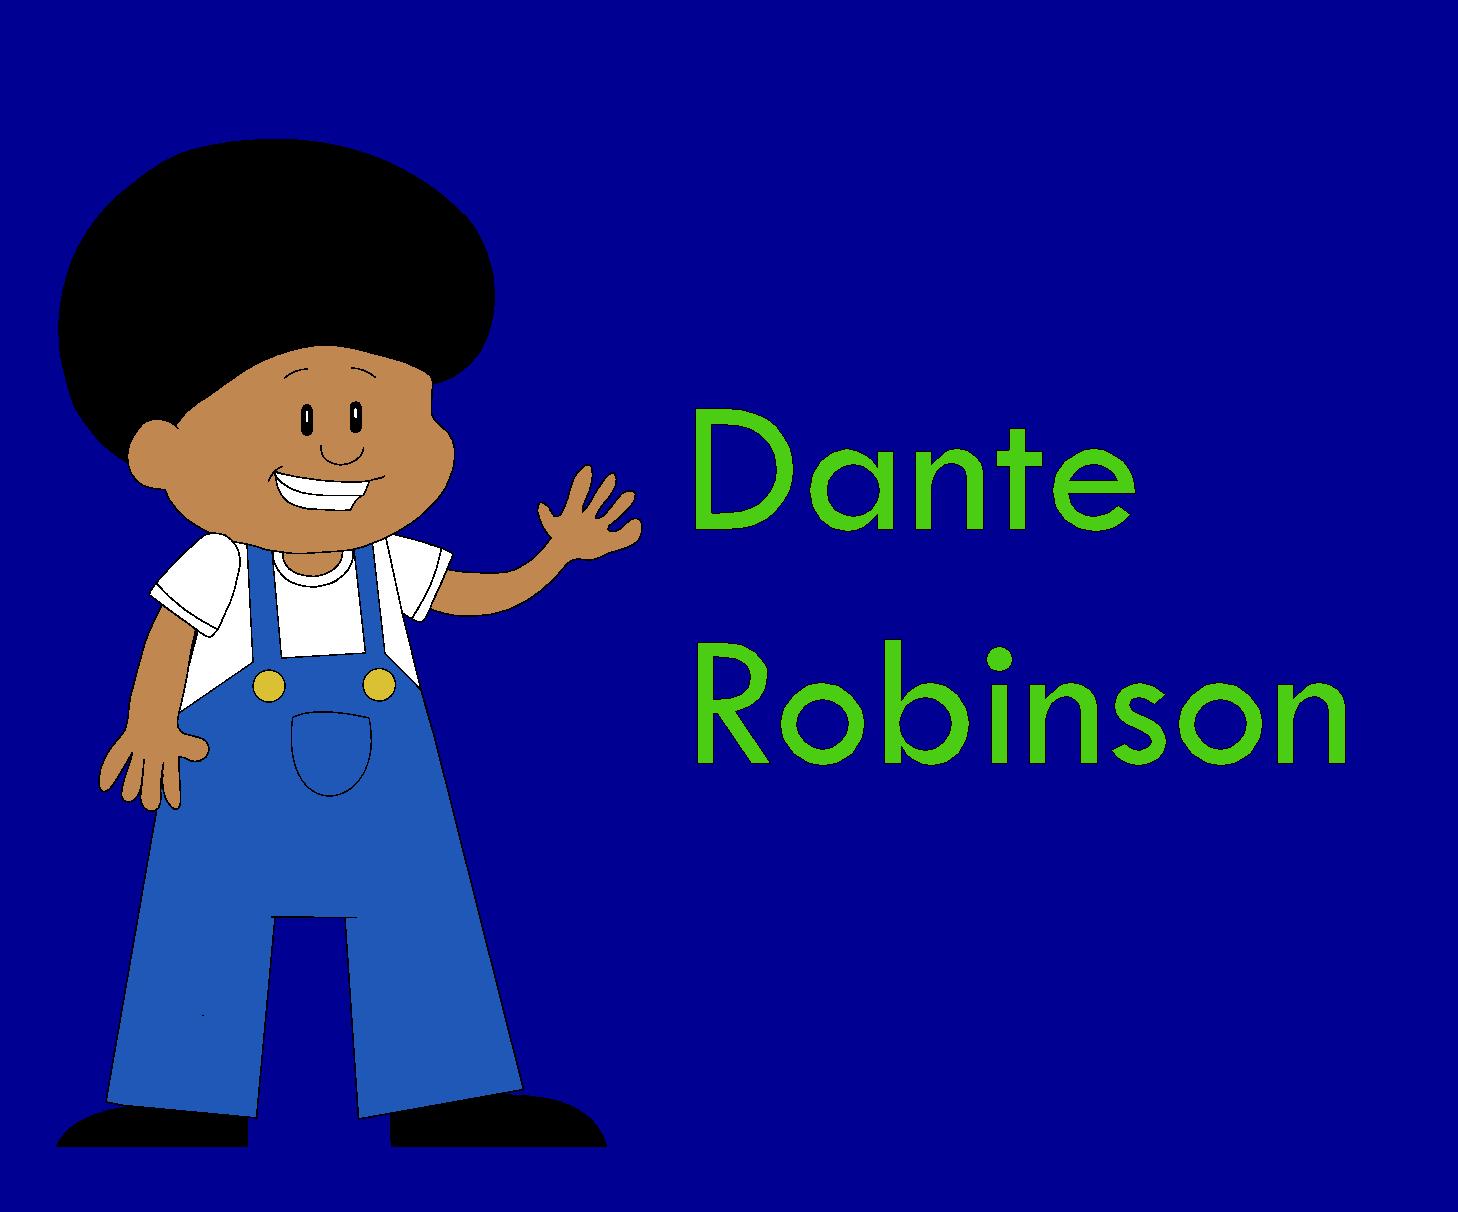 Dante Robinson Backyard Baseball dante robinson (the backyard show) | backyard sports fanon wikia